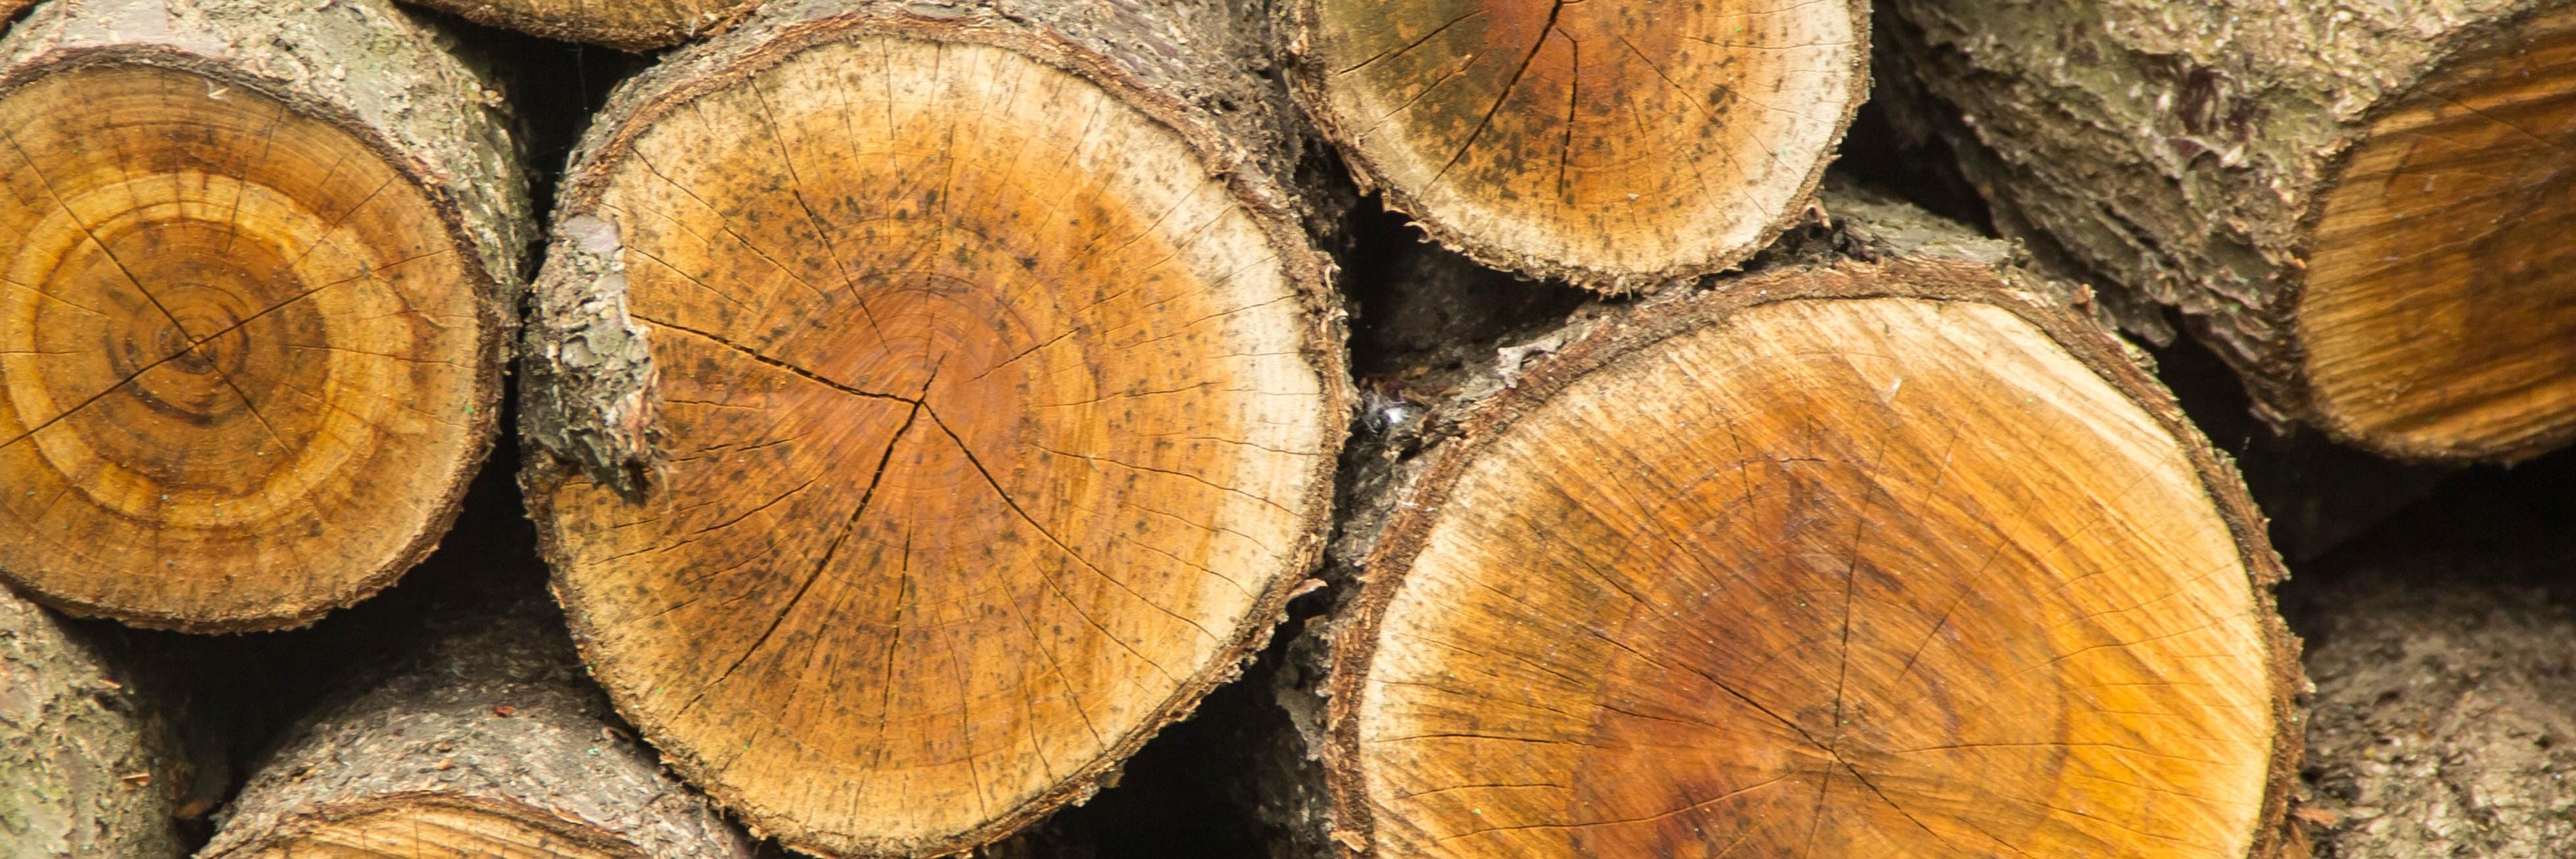 BMEL   Holz